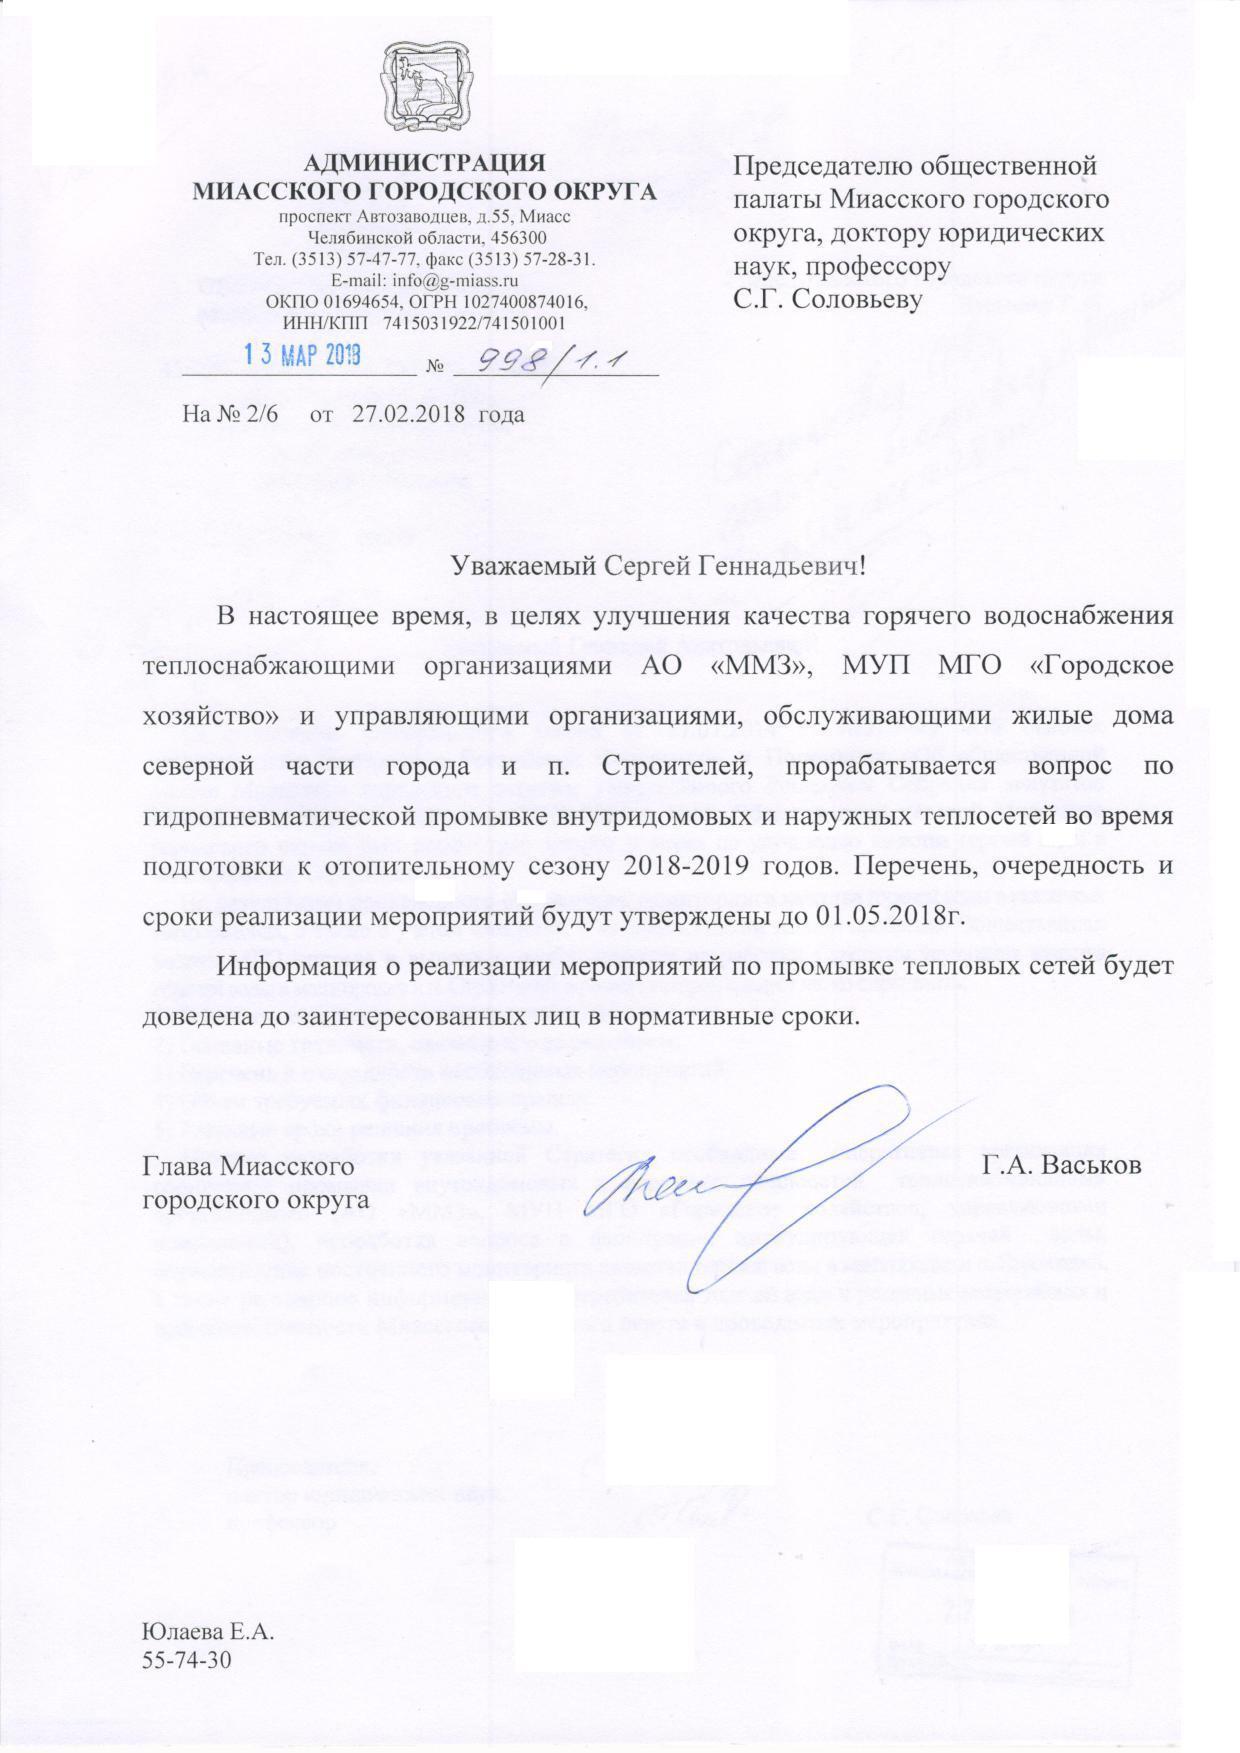 Ответ главы Миасского городского округа Г.А. Васькова